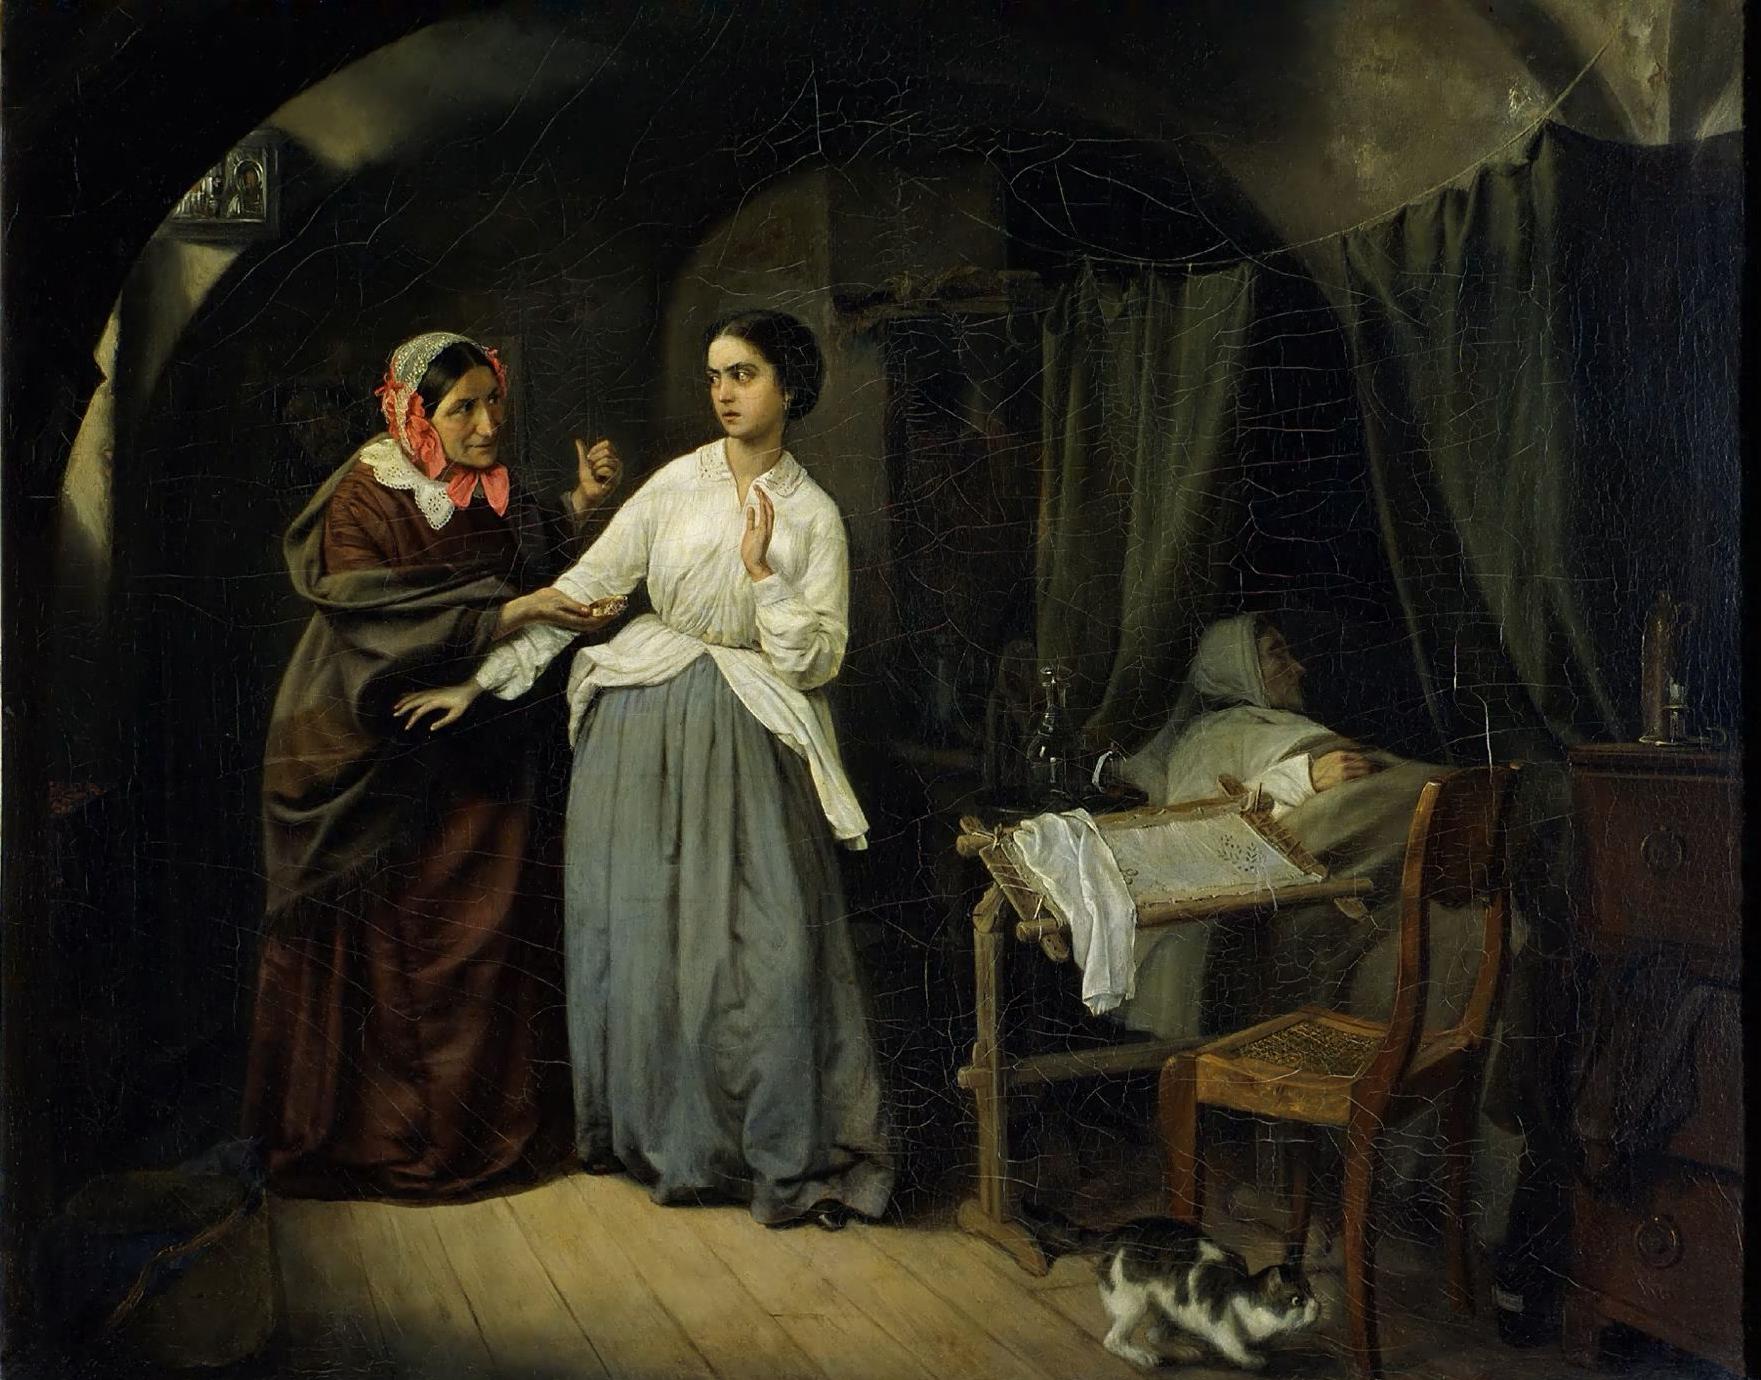 Николай Шильдер, 1857 год, картина «Искушение».